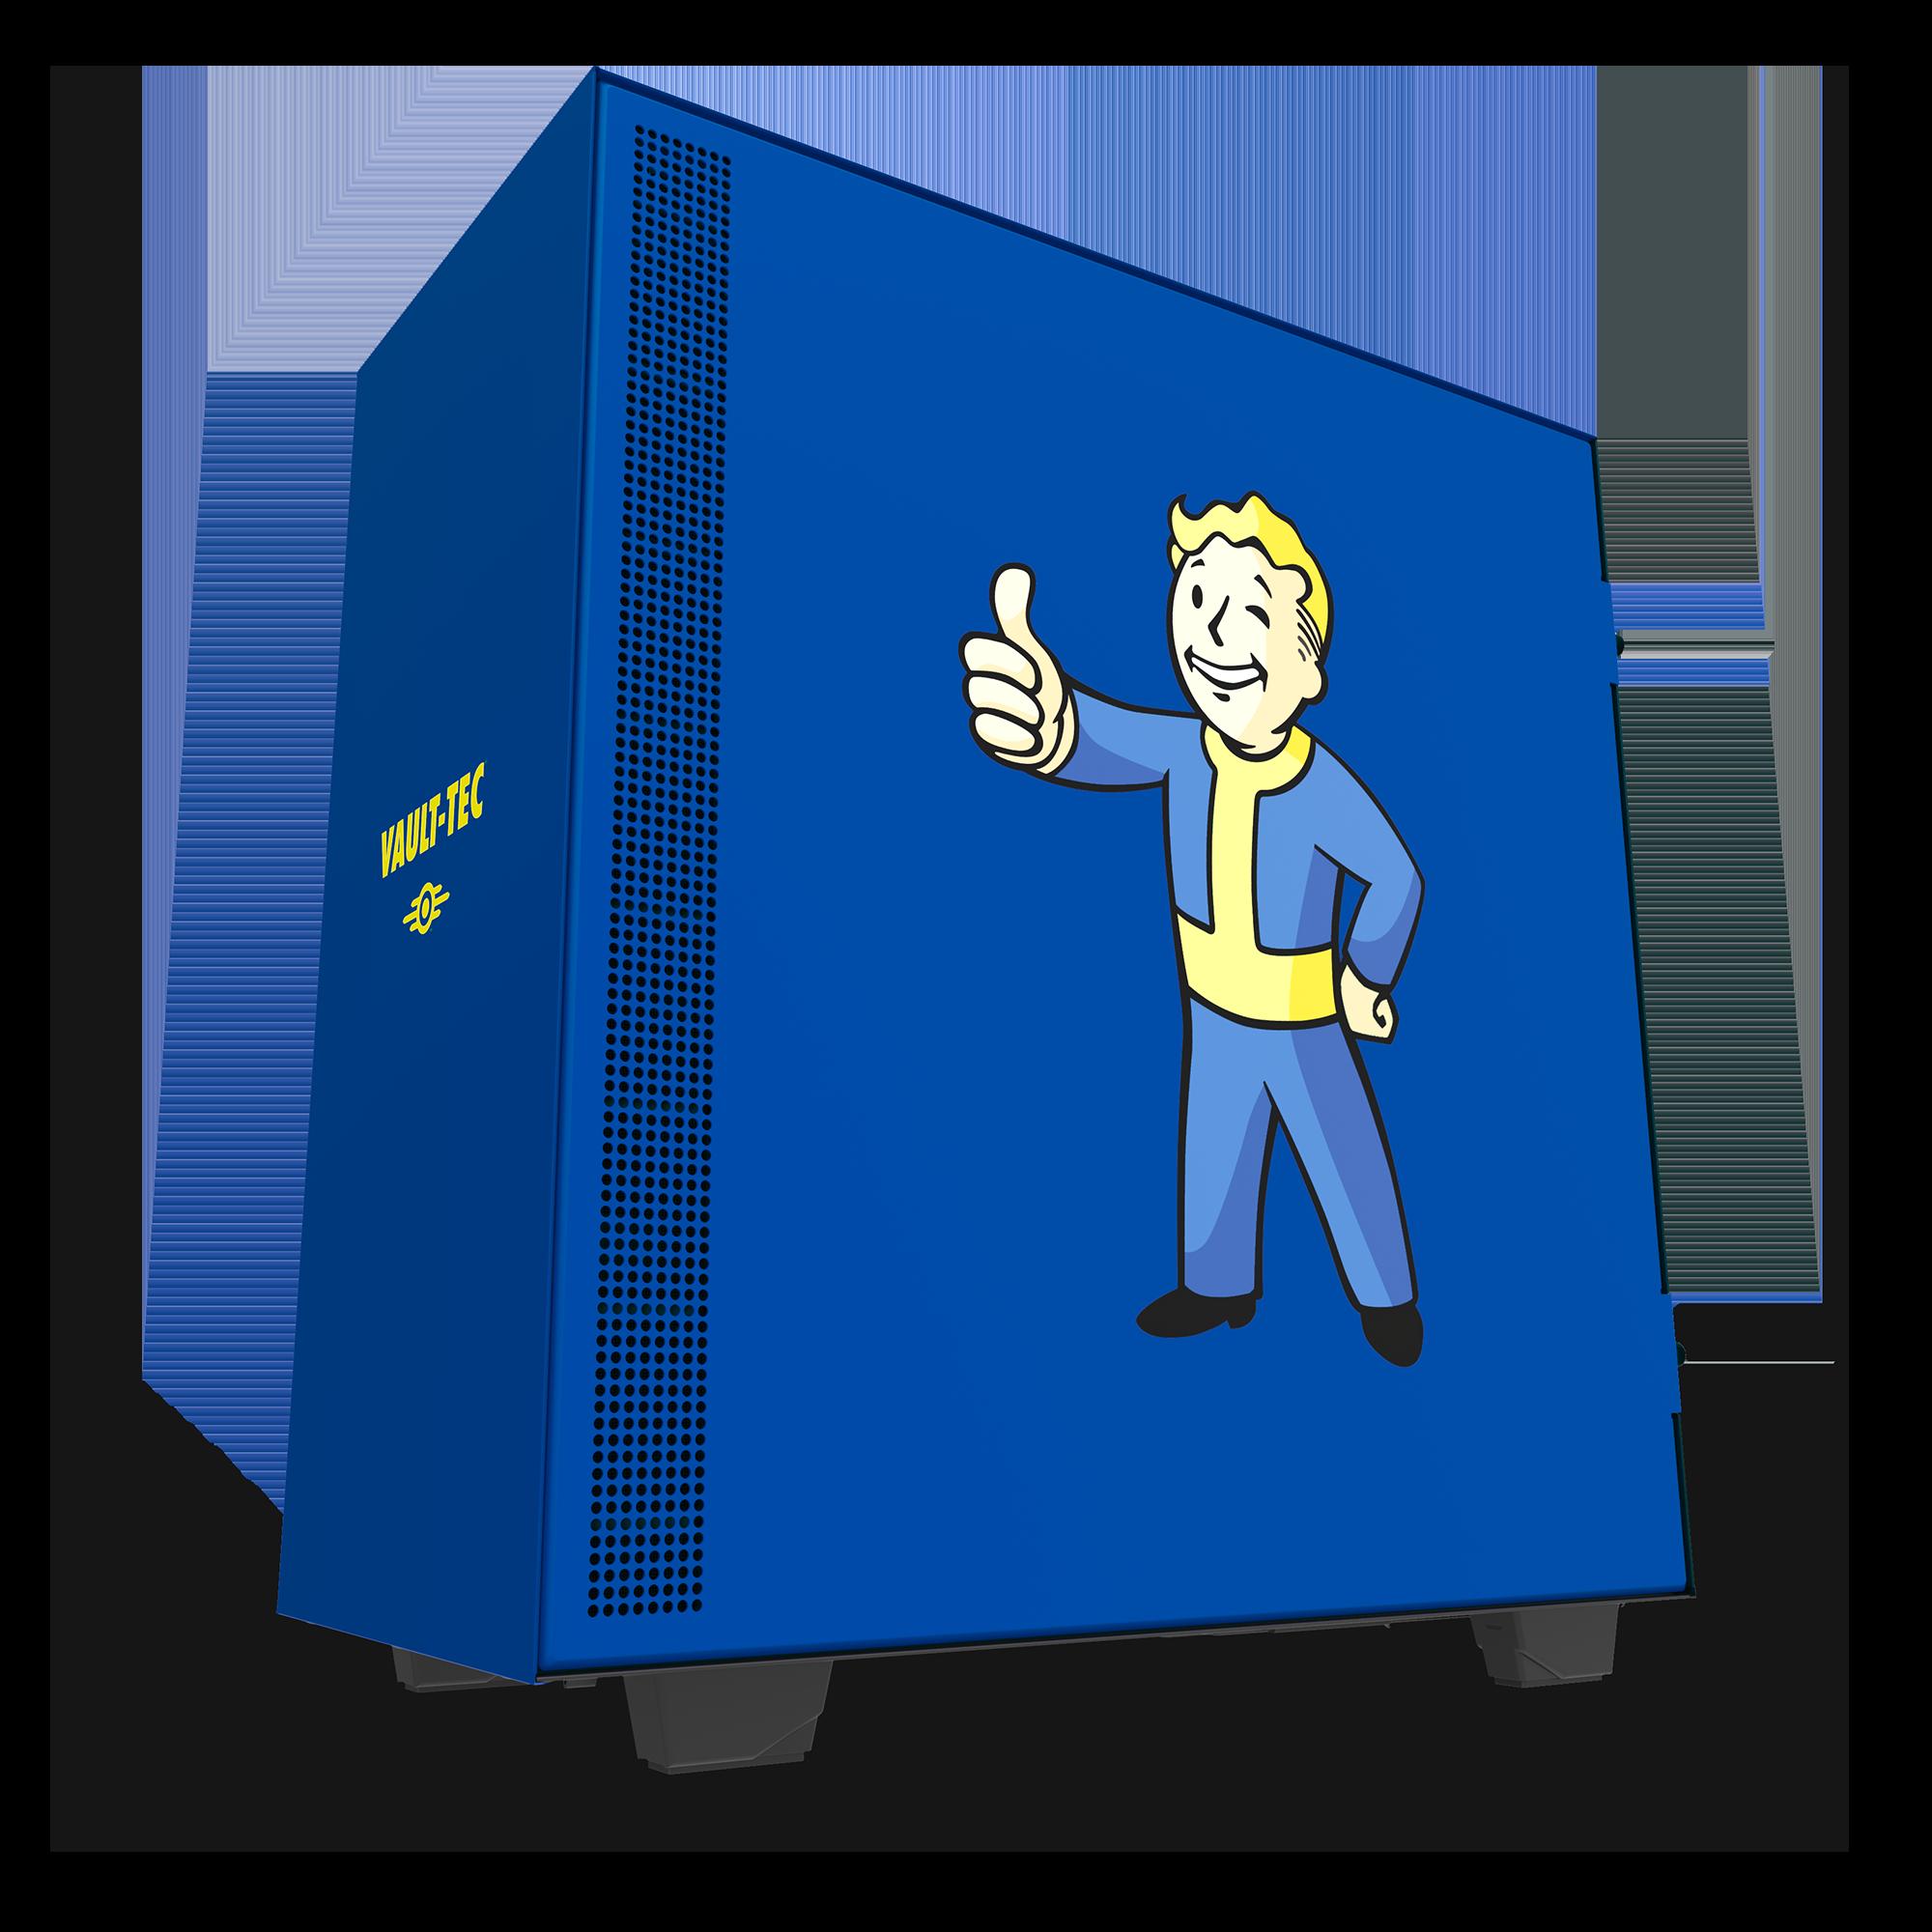 NZXT anuncia edição limitada do H500 Vault Boy para os fãs de Fallout